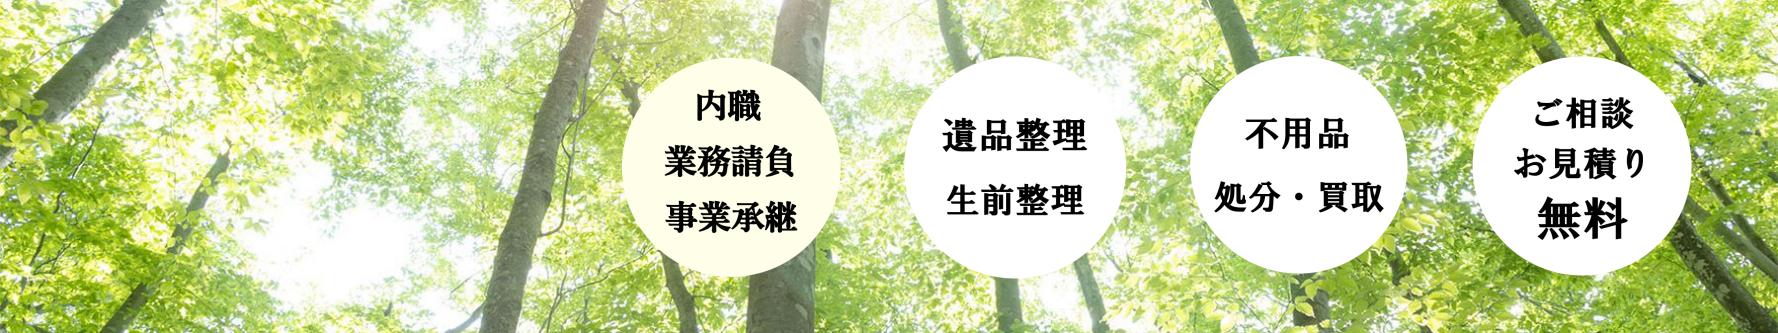 株式会社ひかり・片付け便利屋ひかり 弊社は名古屋市全域、愛知県西部を域として地域に根ざした便利屋です。どこに頼めばいいのだろうか?と思いましたら是非当社にご相談下さい。片付けから引取り回収、買取までオールマイティに対応しております。 主なサービス内容 ・ゴミ屋敷片付けのお手伝い ・生前整理のお手伝い ・遺品整理のお手伝い ・不用品片付けのお手伝い ・ゴミ片付けのお手伝い ・引越しのお手伝い ・不用品の買取 ・雑草刈取り等さまざまなお手伝いをいたします。